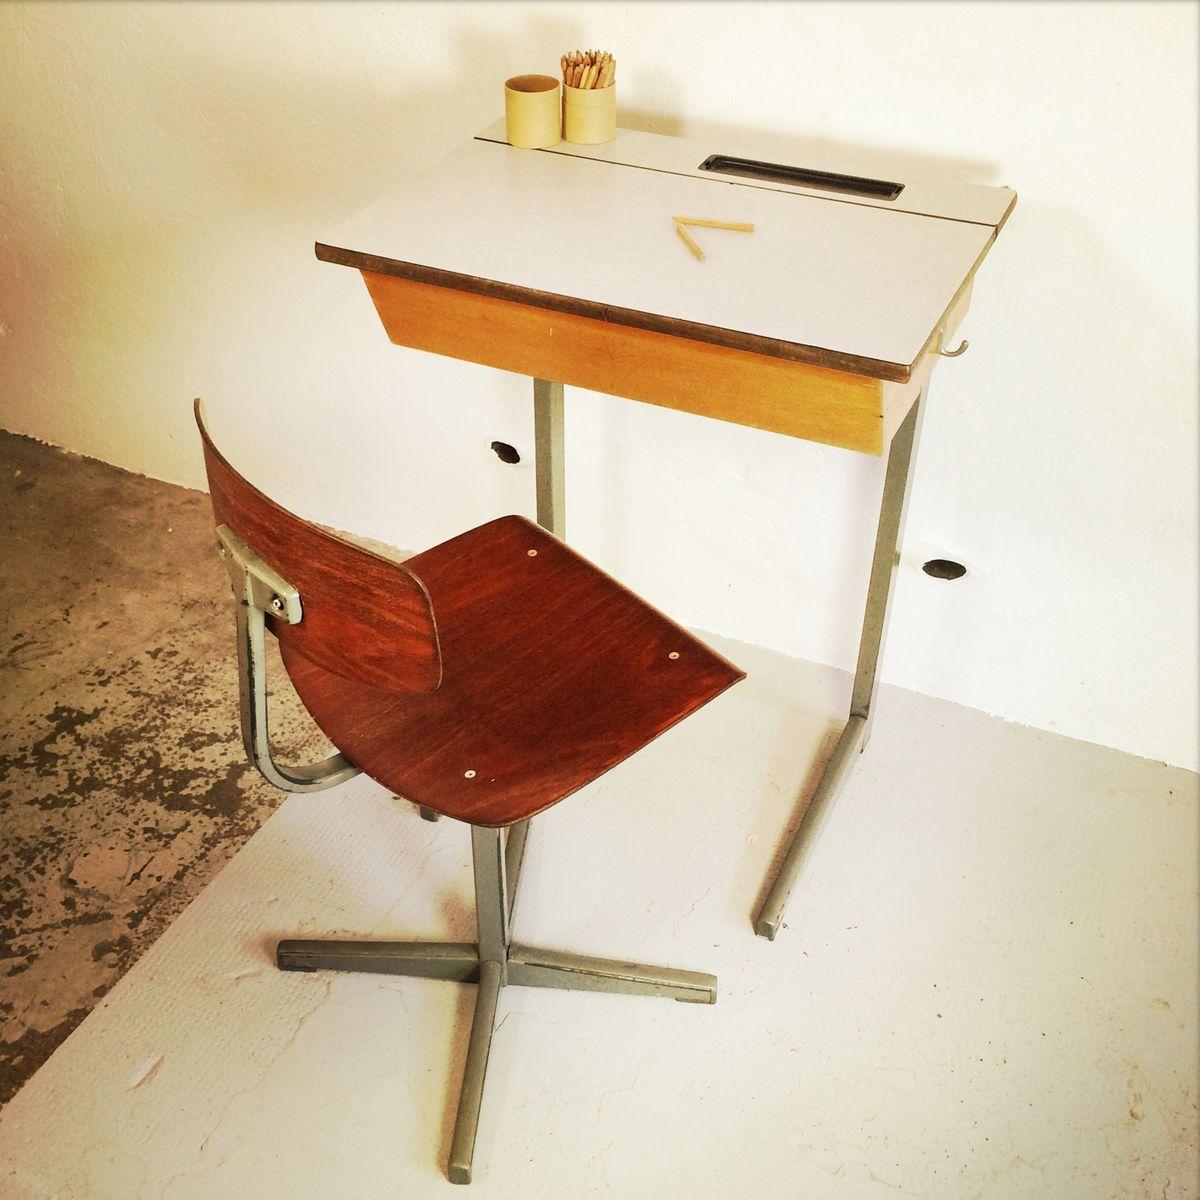 schreibtisch und stuhl f r kinder von friso kramer 1950er bei pamono kaufen. Black Bedroom Furniture Sets. Home Design Ideas